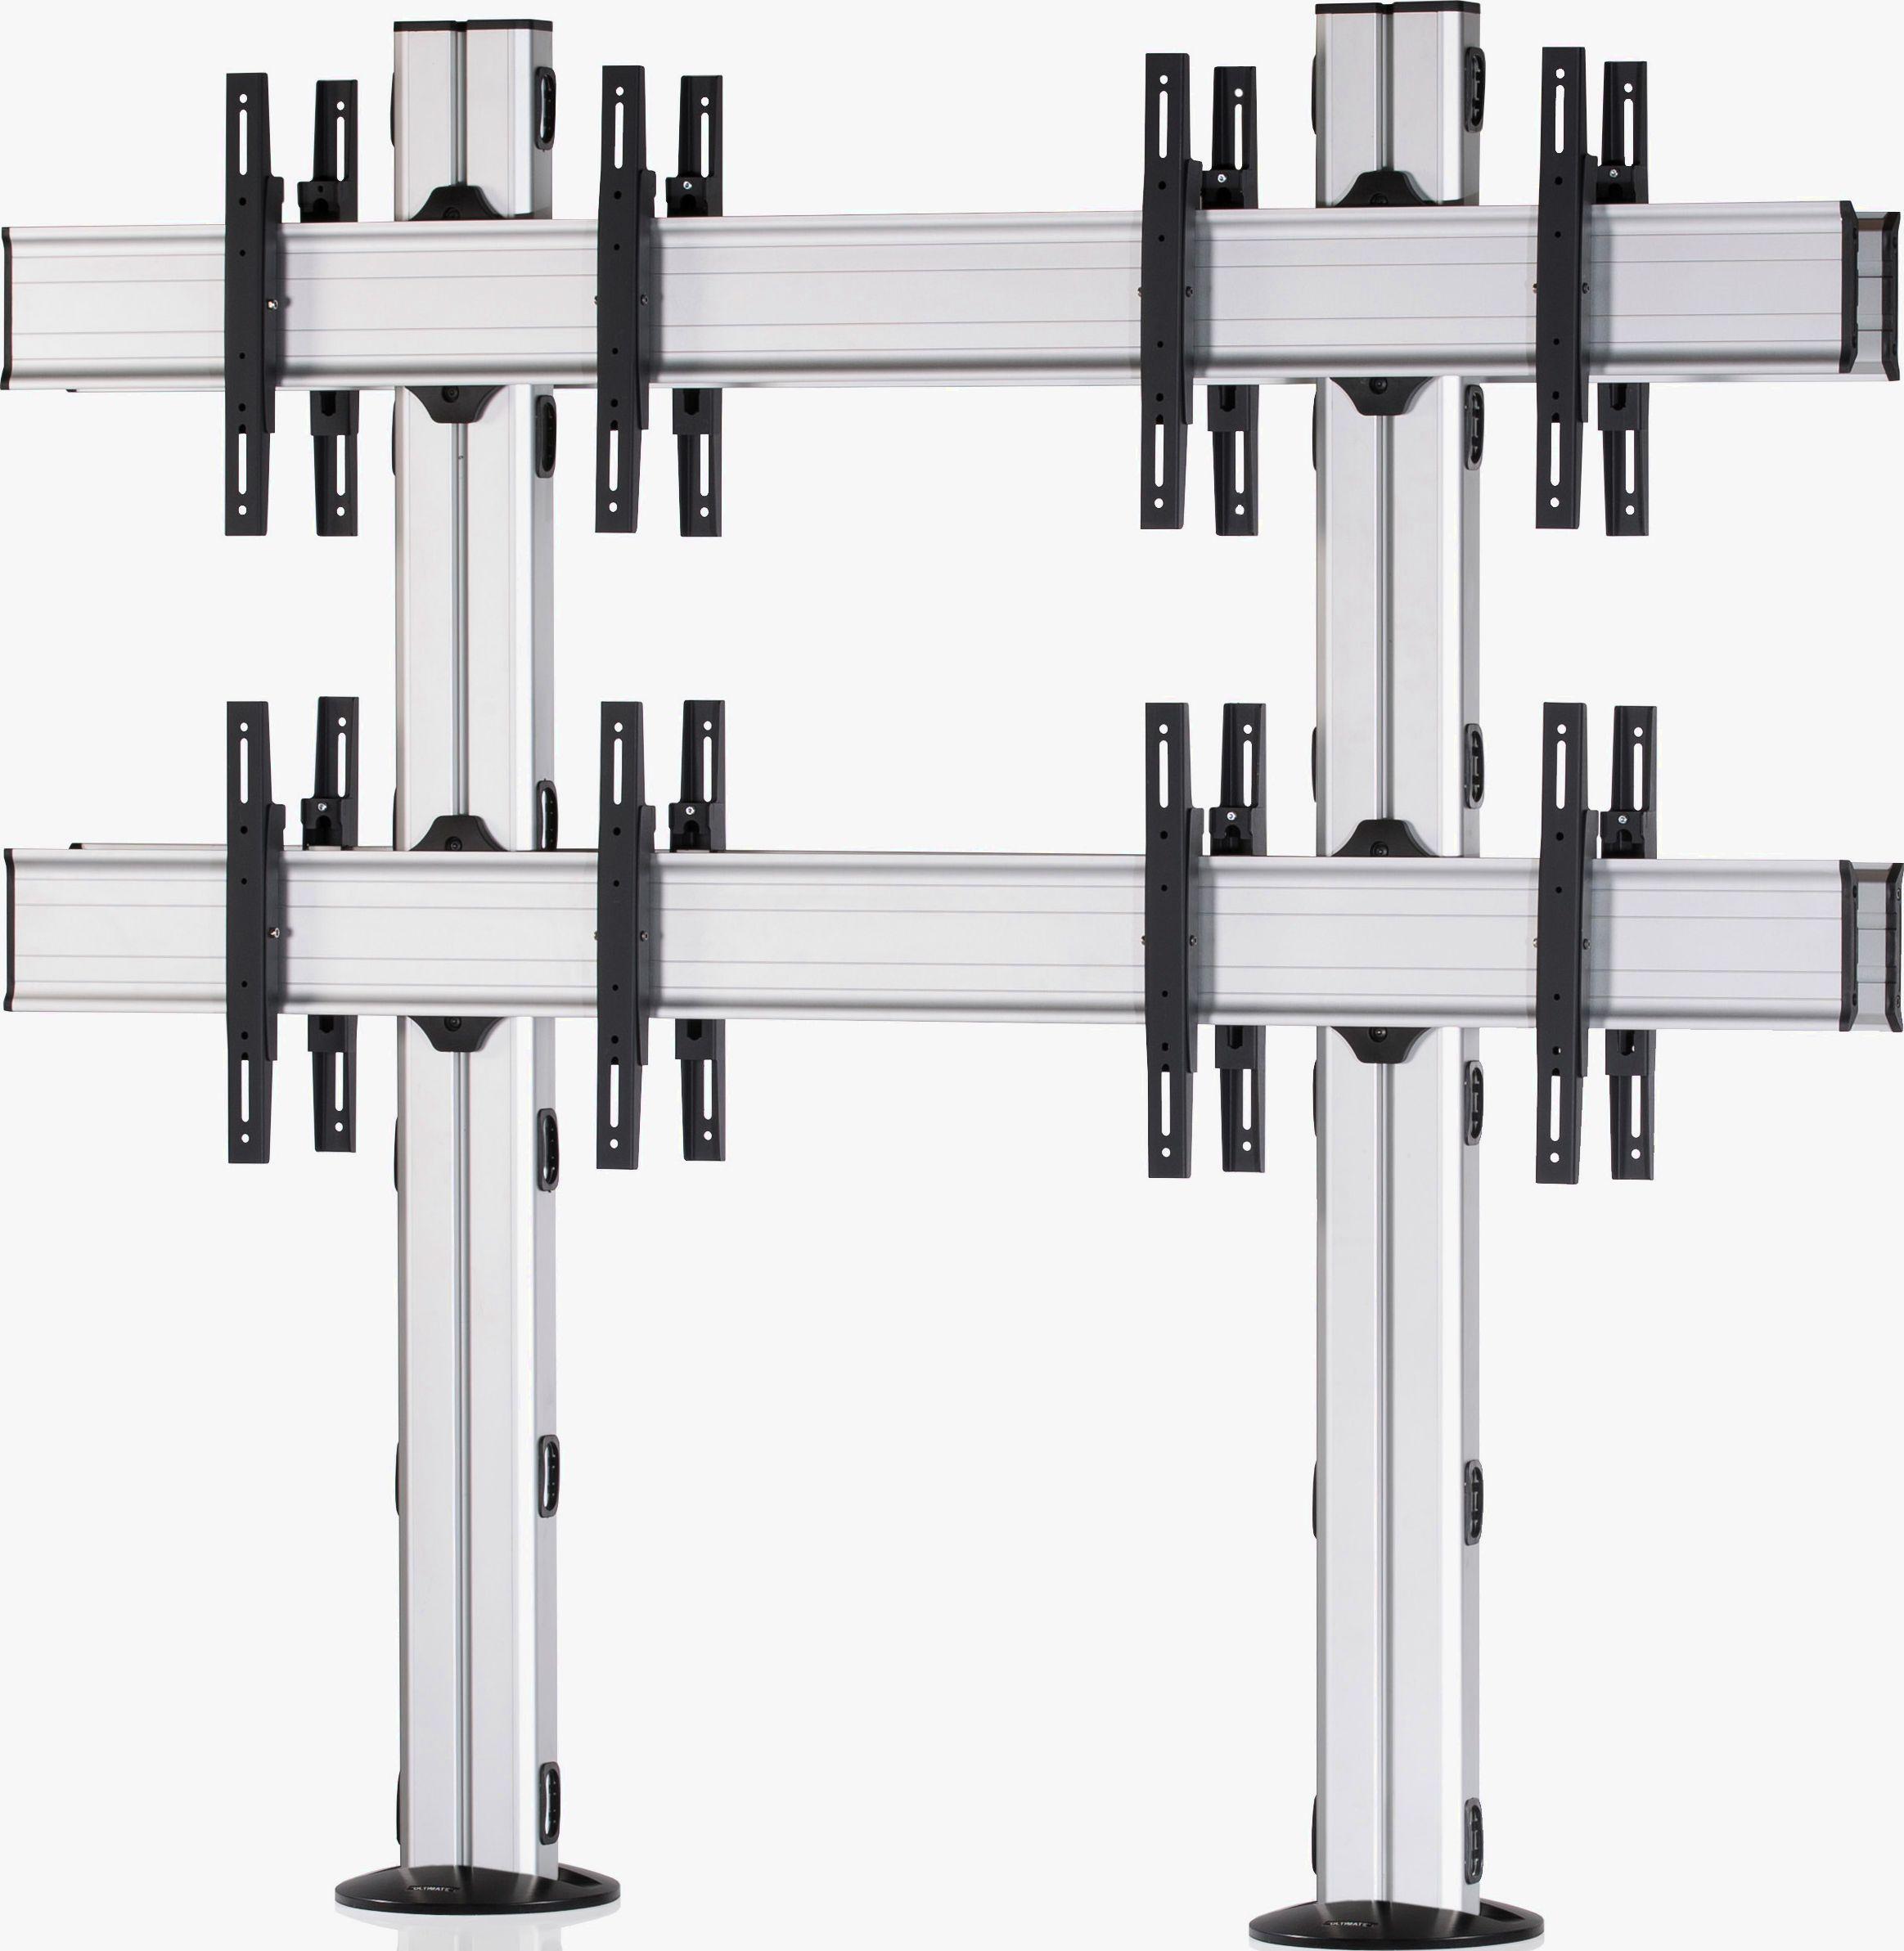 8 Displays 2×2 beidseitig, Standard-VESA, zur Bodenbefestigung